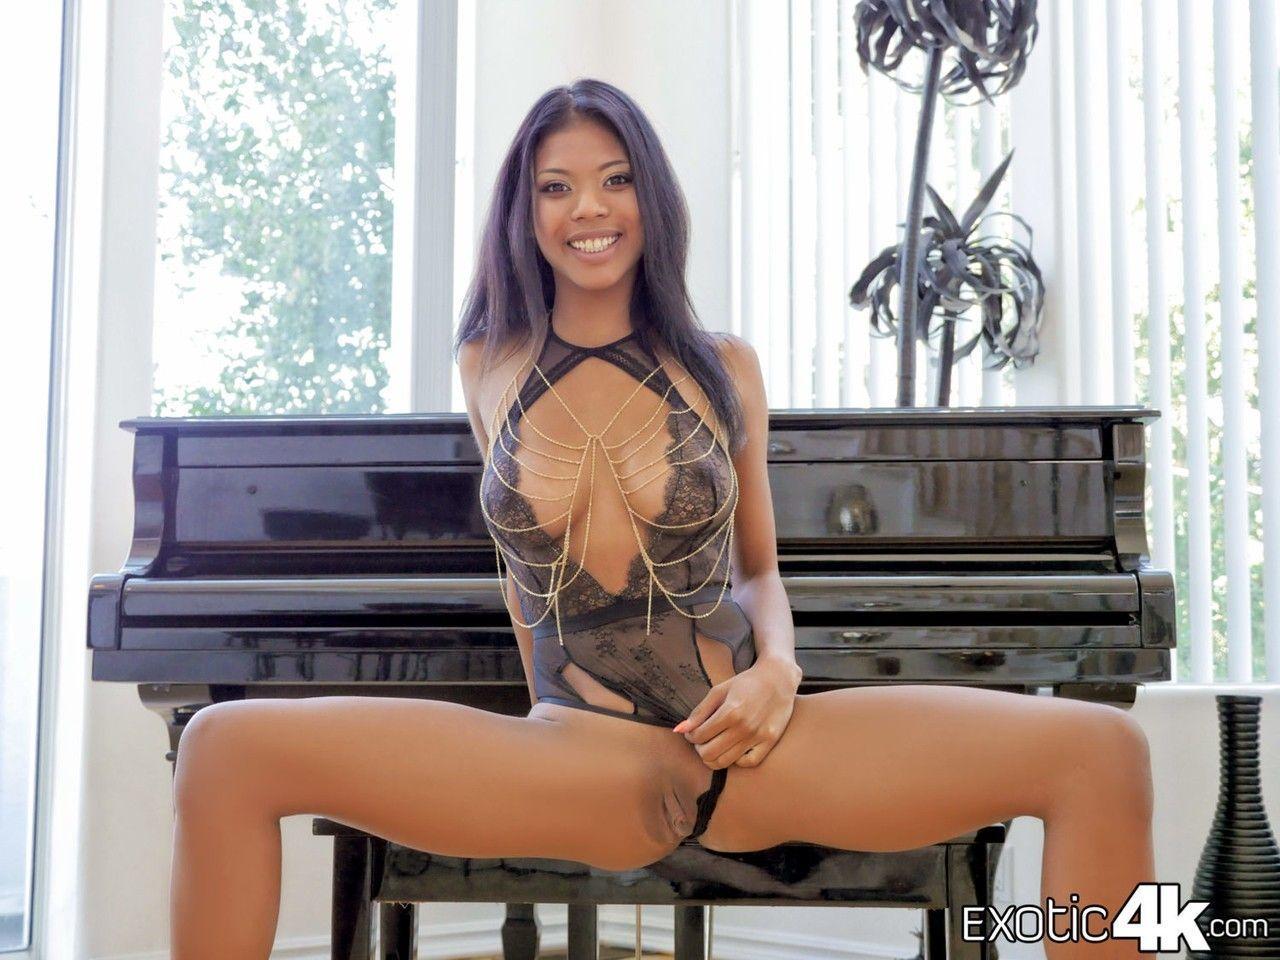 fotos de sexo quente com pau grande arregacando a magrinha 0 - Fotos de sexo quente com pau grande arregaçando a magrinha